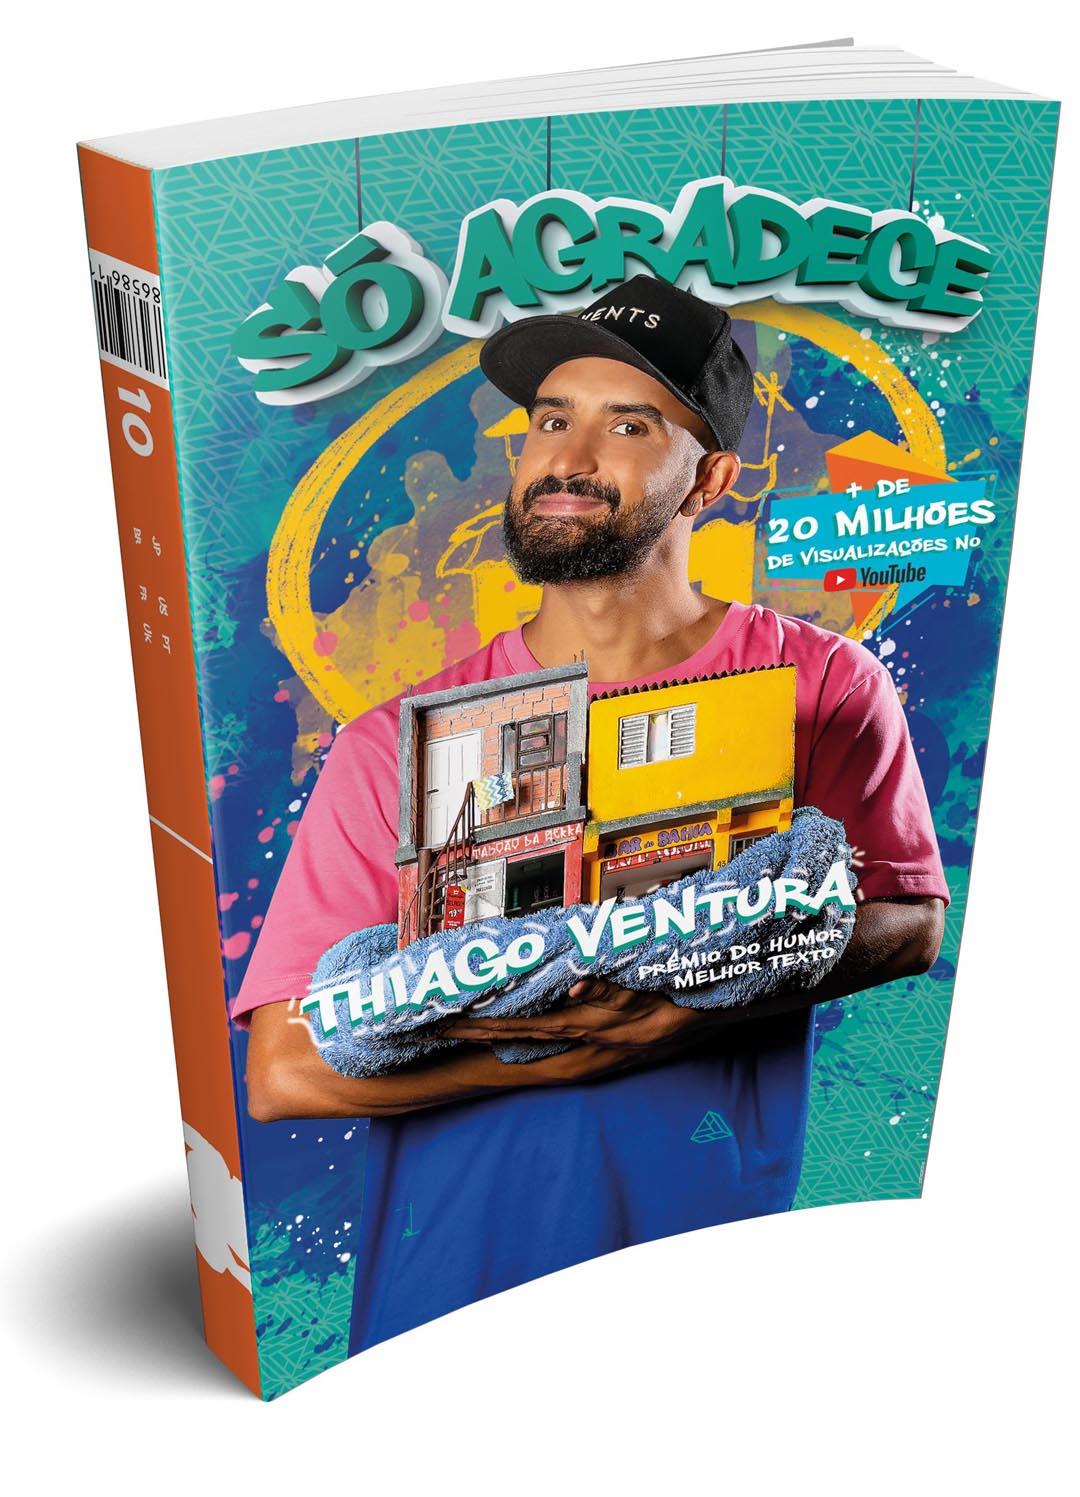 Só Agradece - Thiago Ventura